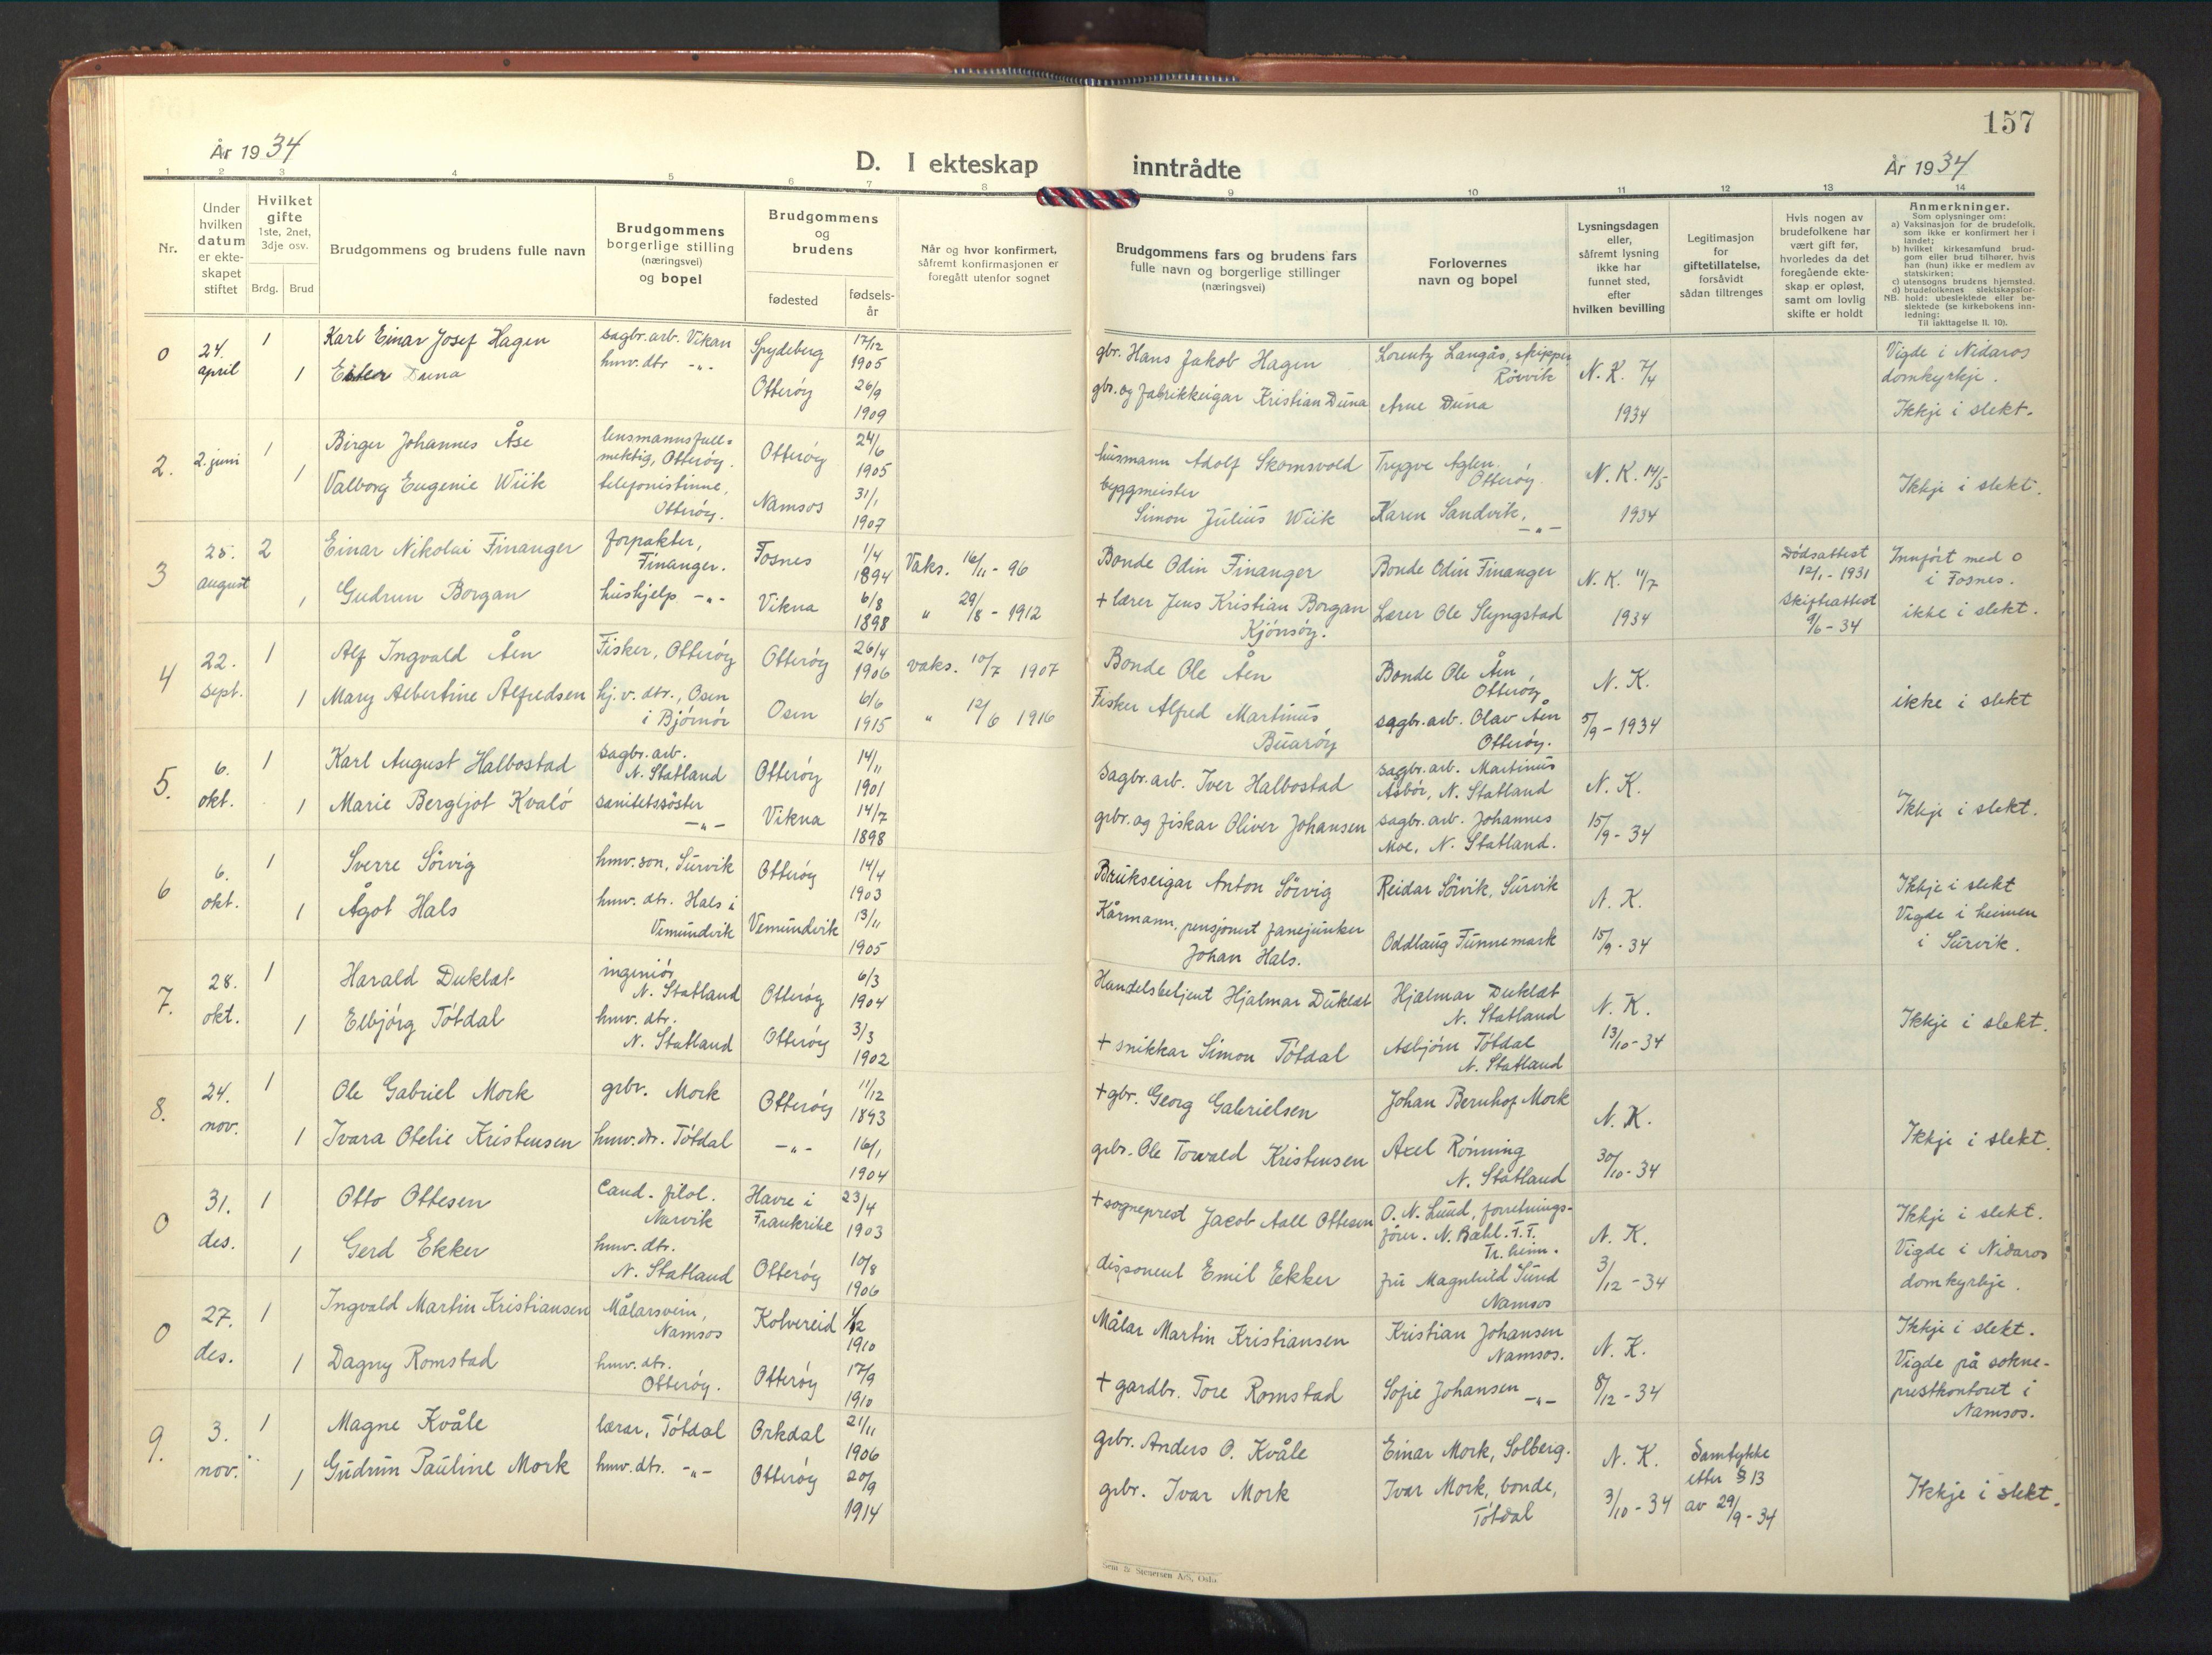 SAT, Ministerialprotokoller, klokkerbøker og fødselsregistre - Nord-Trøndelag, 774/L0631: Klokkerbok nr. 774C02, 1934-1950, s. 157